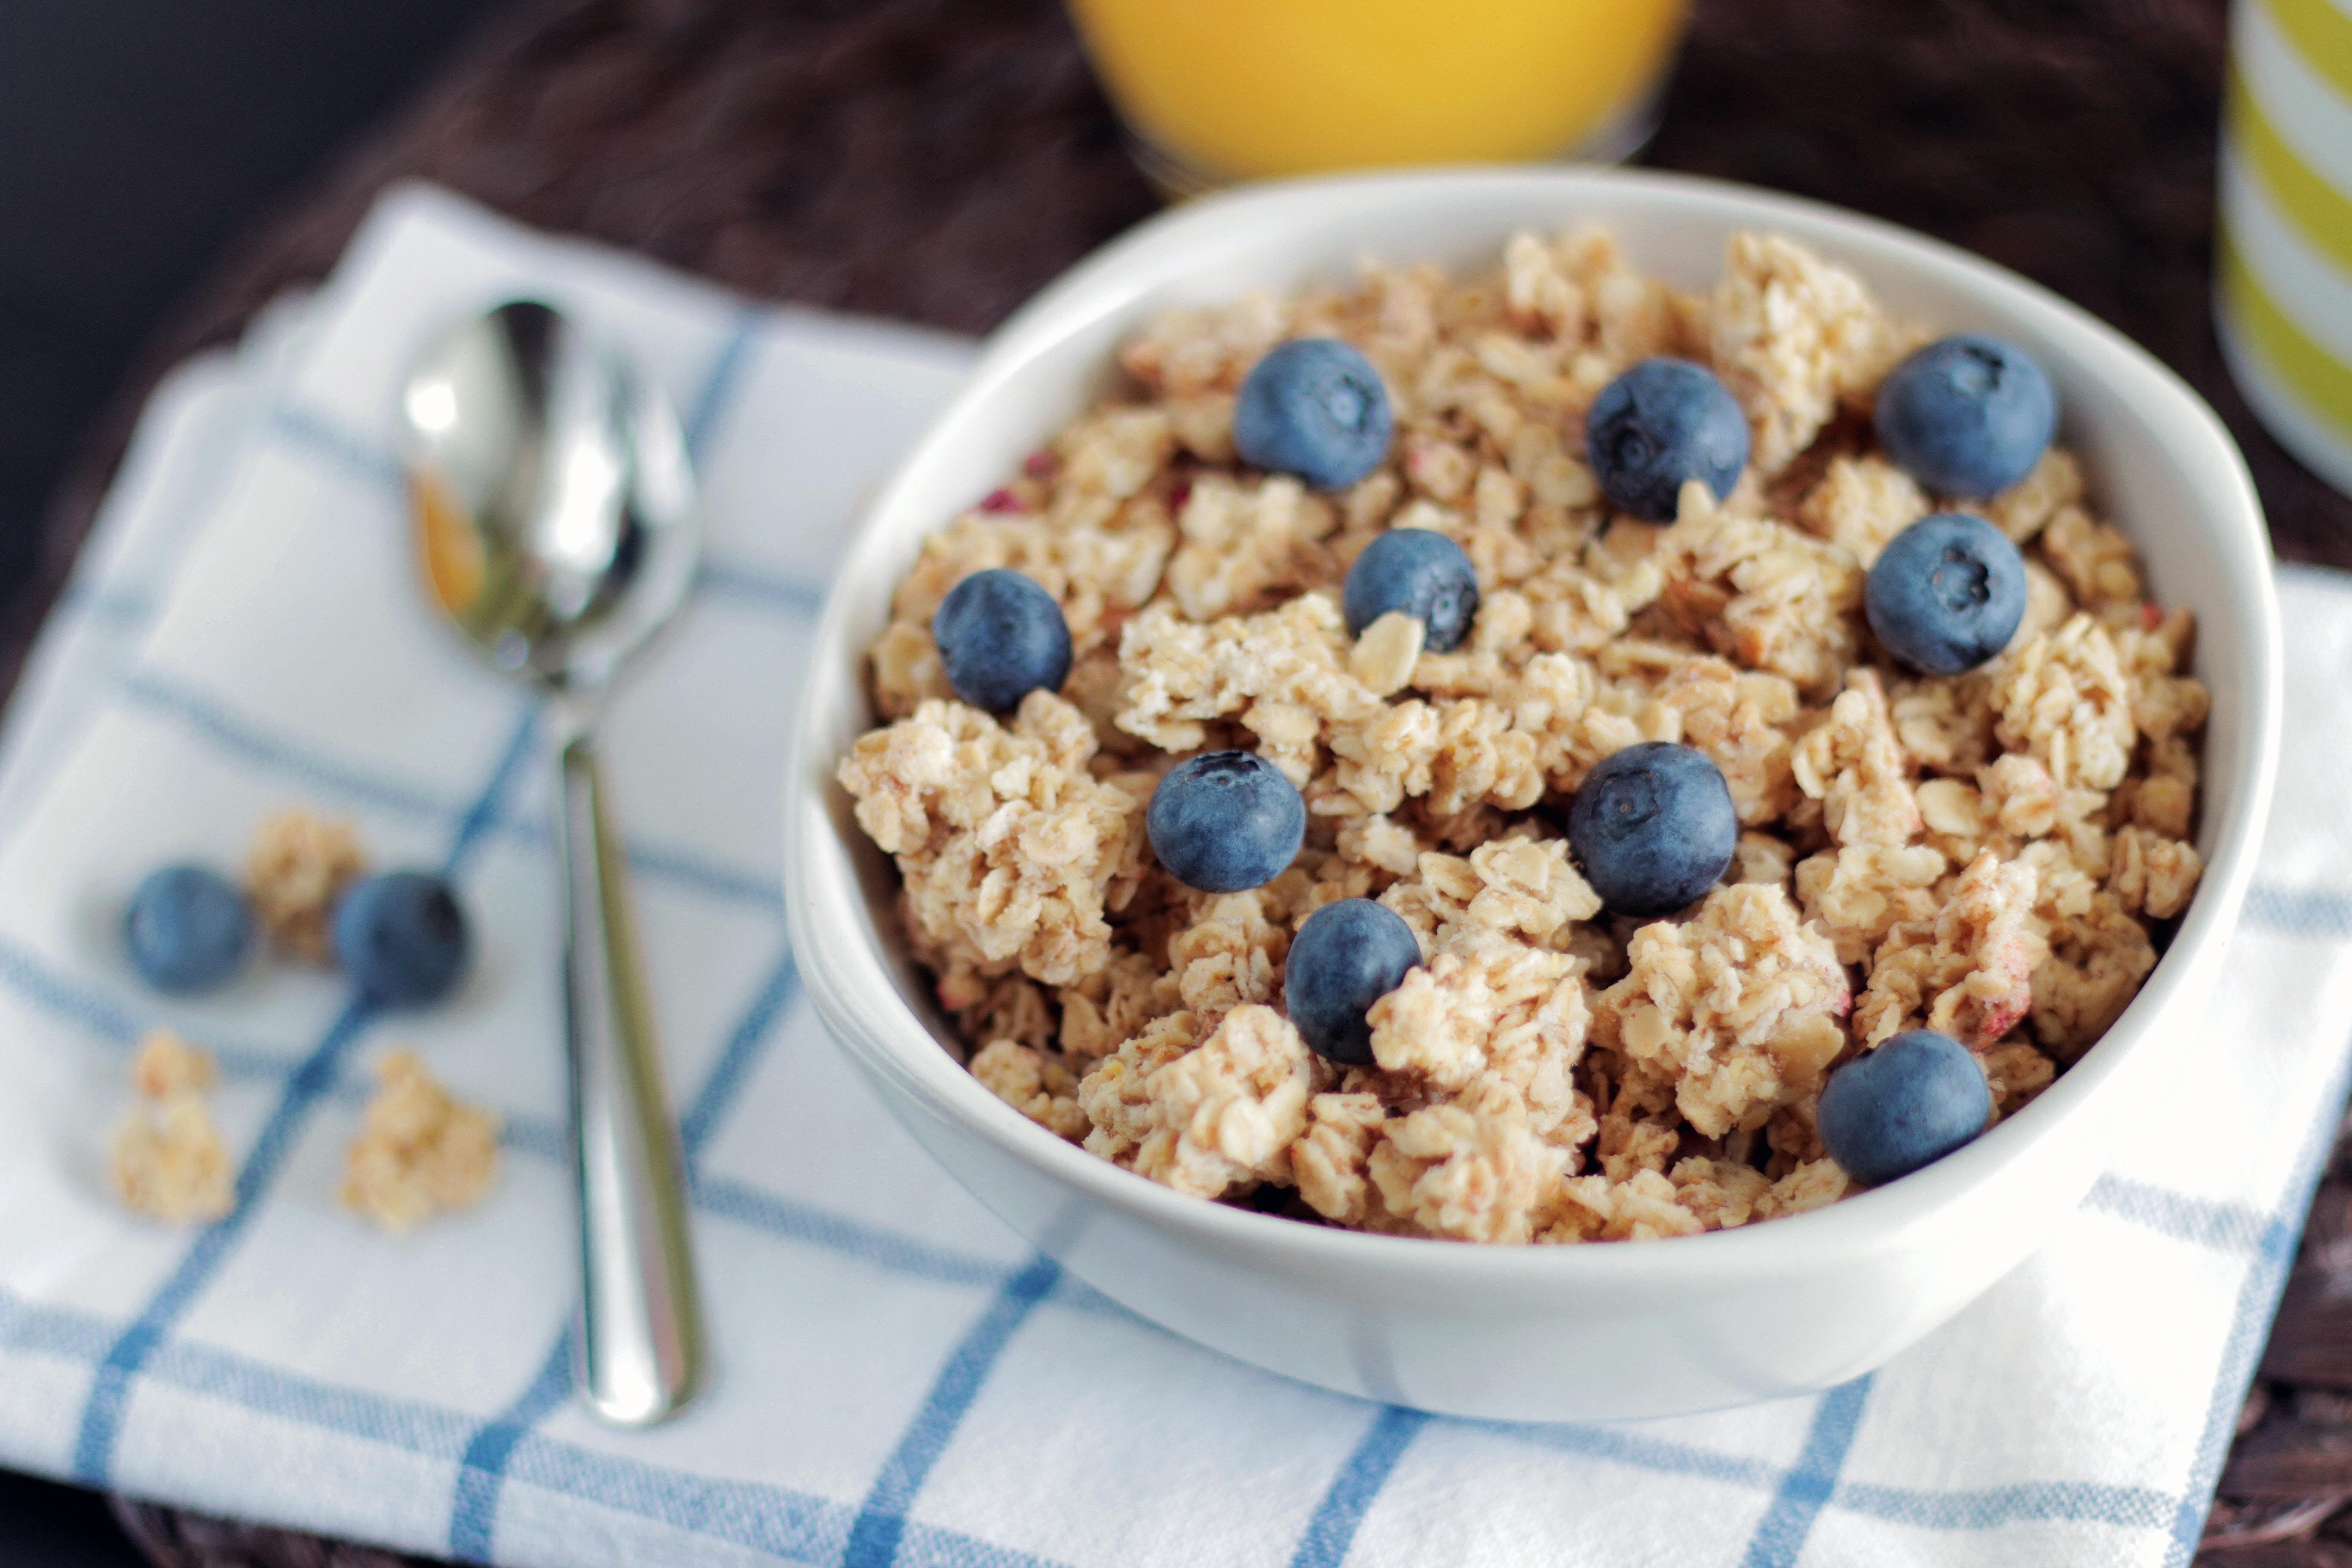 Blueberry Vanilla Protein Oatmeal